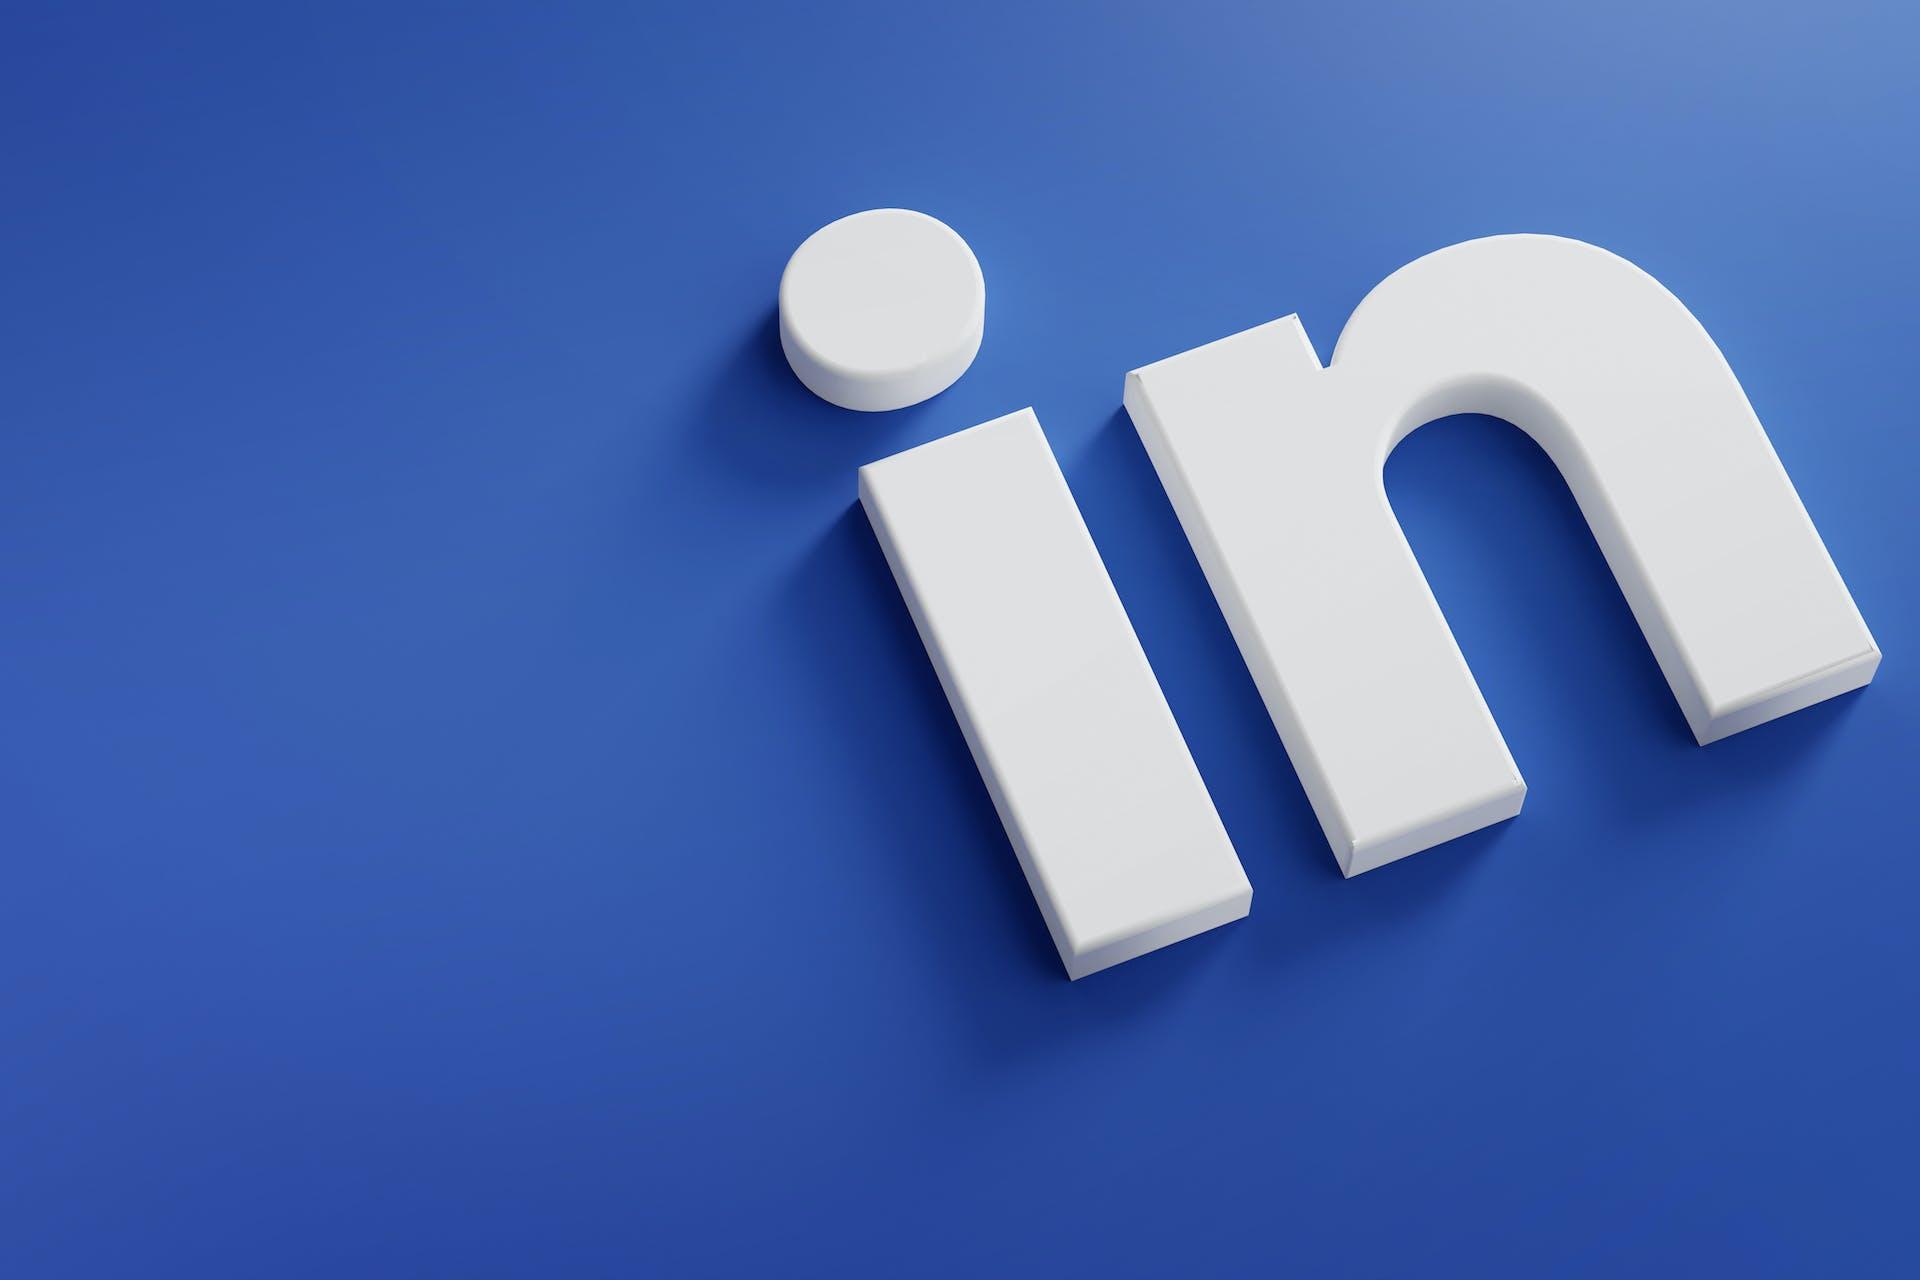 Blauer Hintergrund mit 2 großen Buchstaben: in in weiß